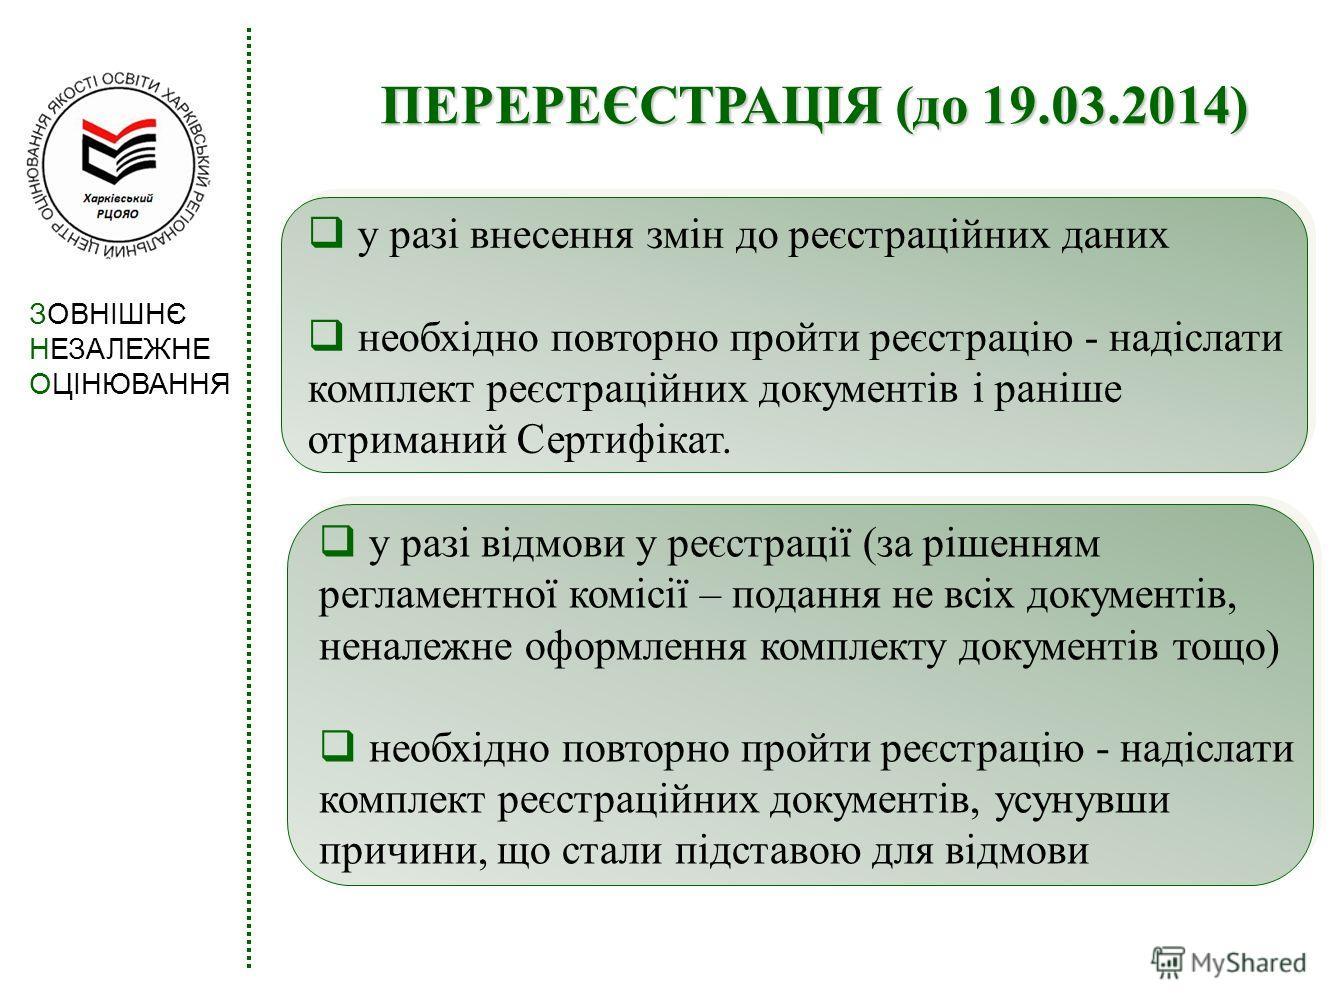 ПЕРЕРЕЄСТРАЦІЯ (до 19.03.2014) у разі відмови у реєстрації (за рішенням регламентної комісії – подання не всіх документів, неналежне оформлення комплекту документів тощо) необхідно повторно пройти реєстрацію - надіслати комплект реєстраційних докумен